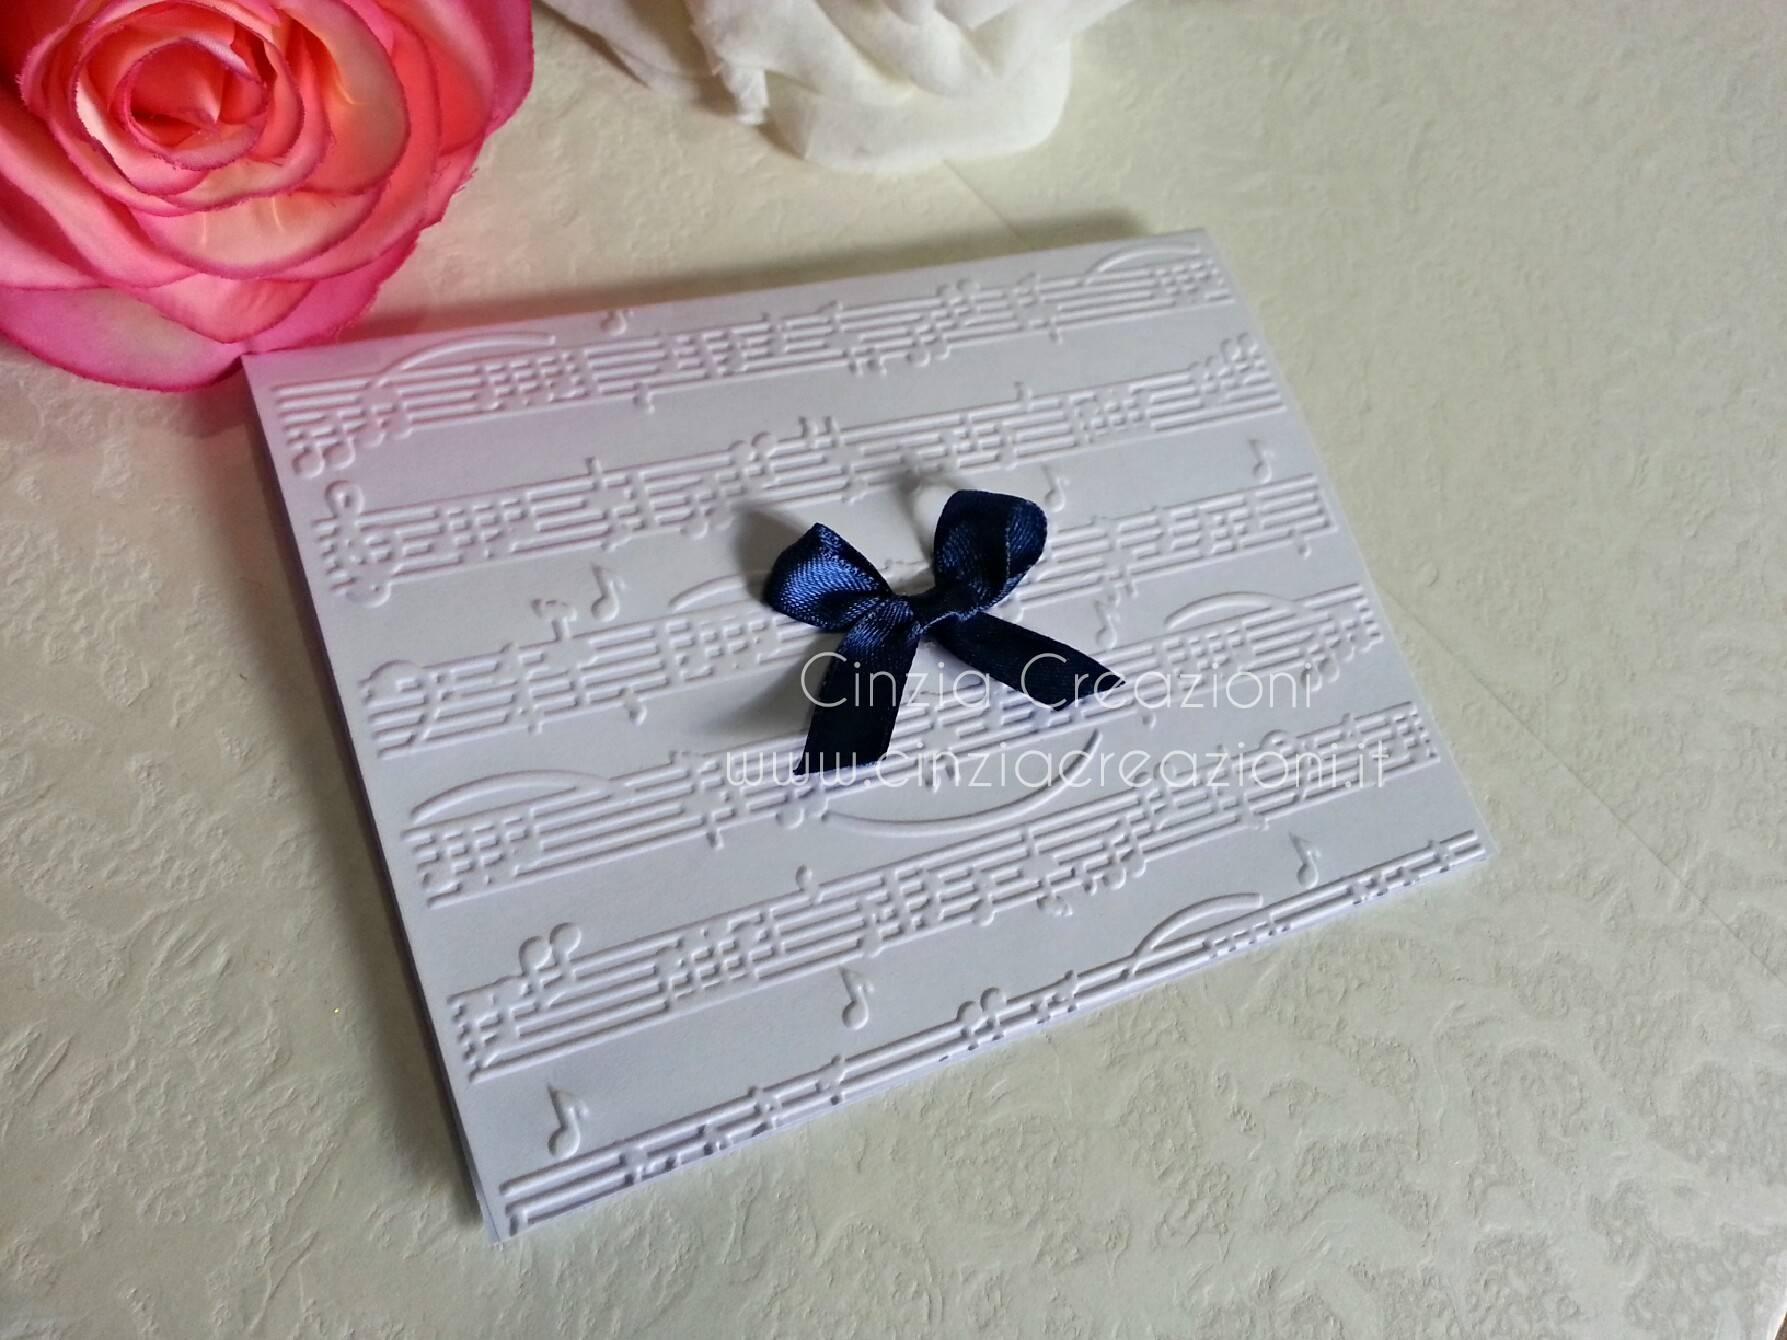 Matrimonio Tema Musica : Invito nozze tema musica con rilievo pentagramma economica